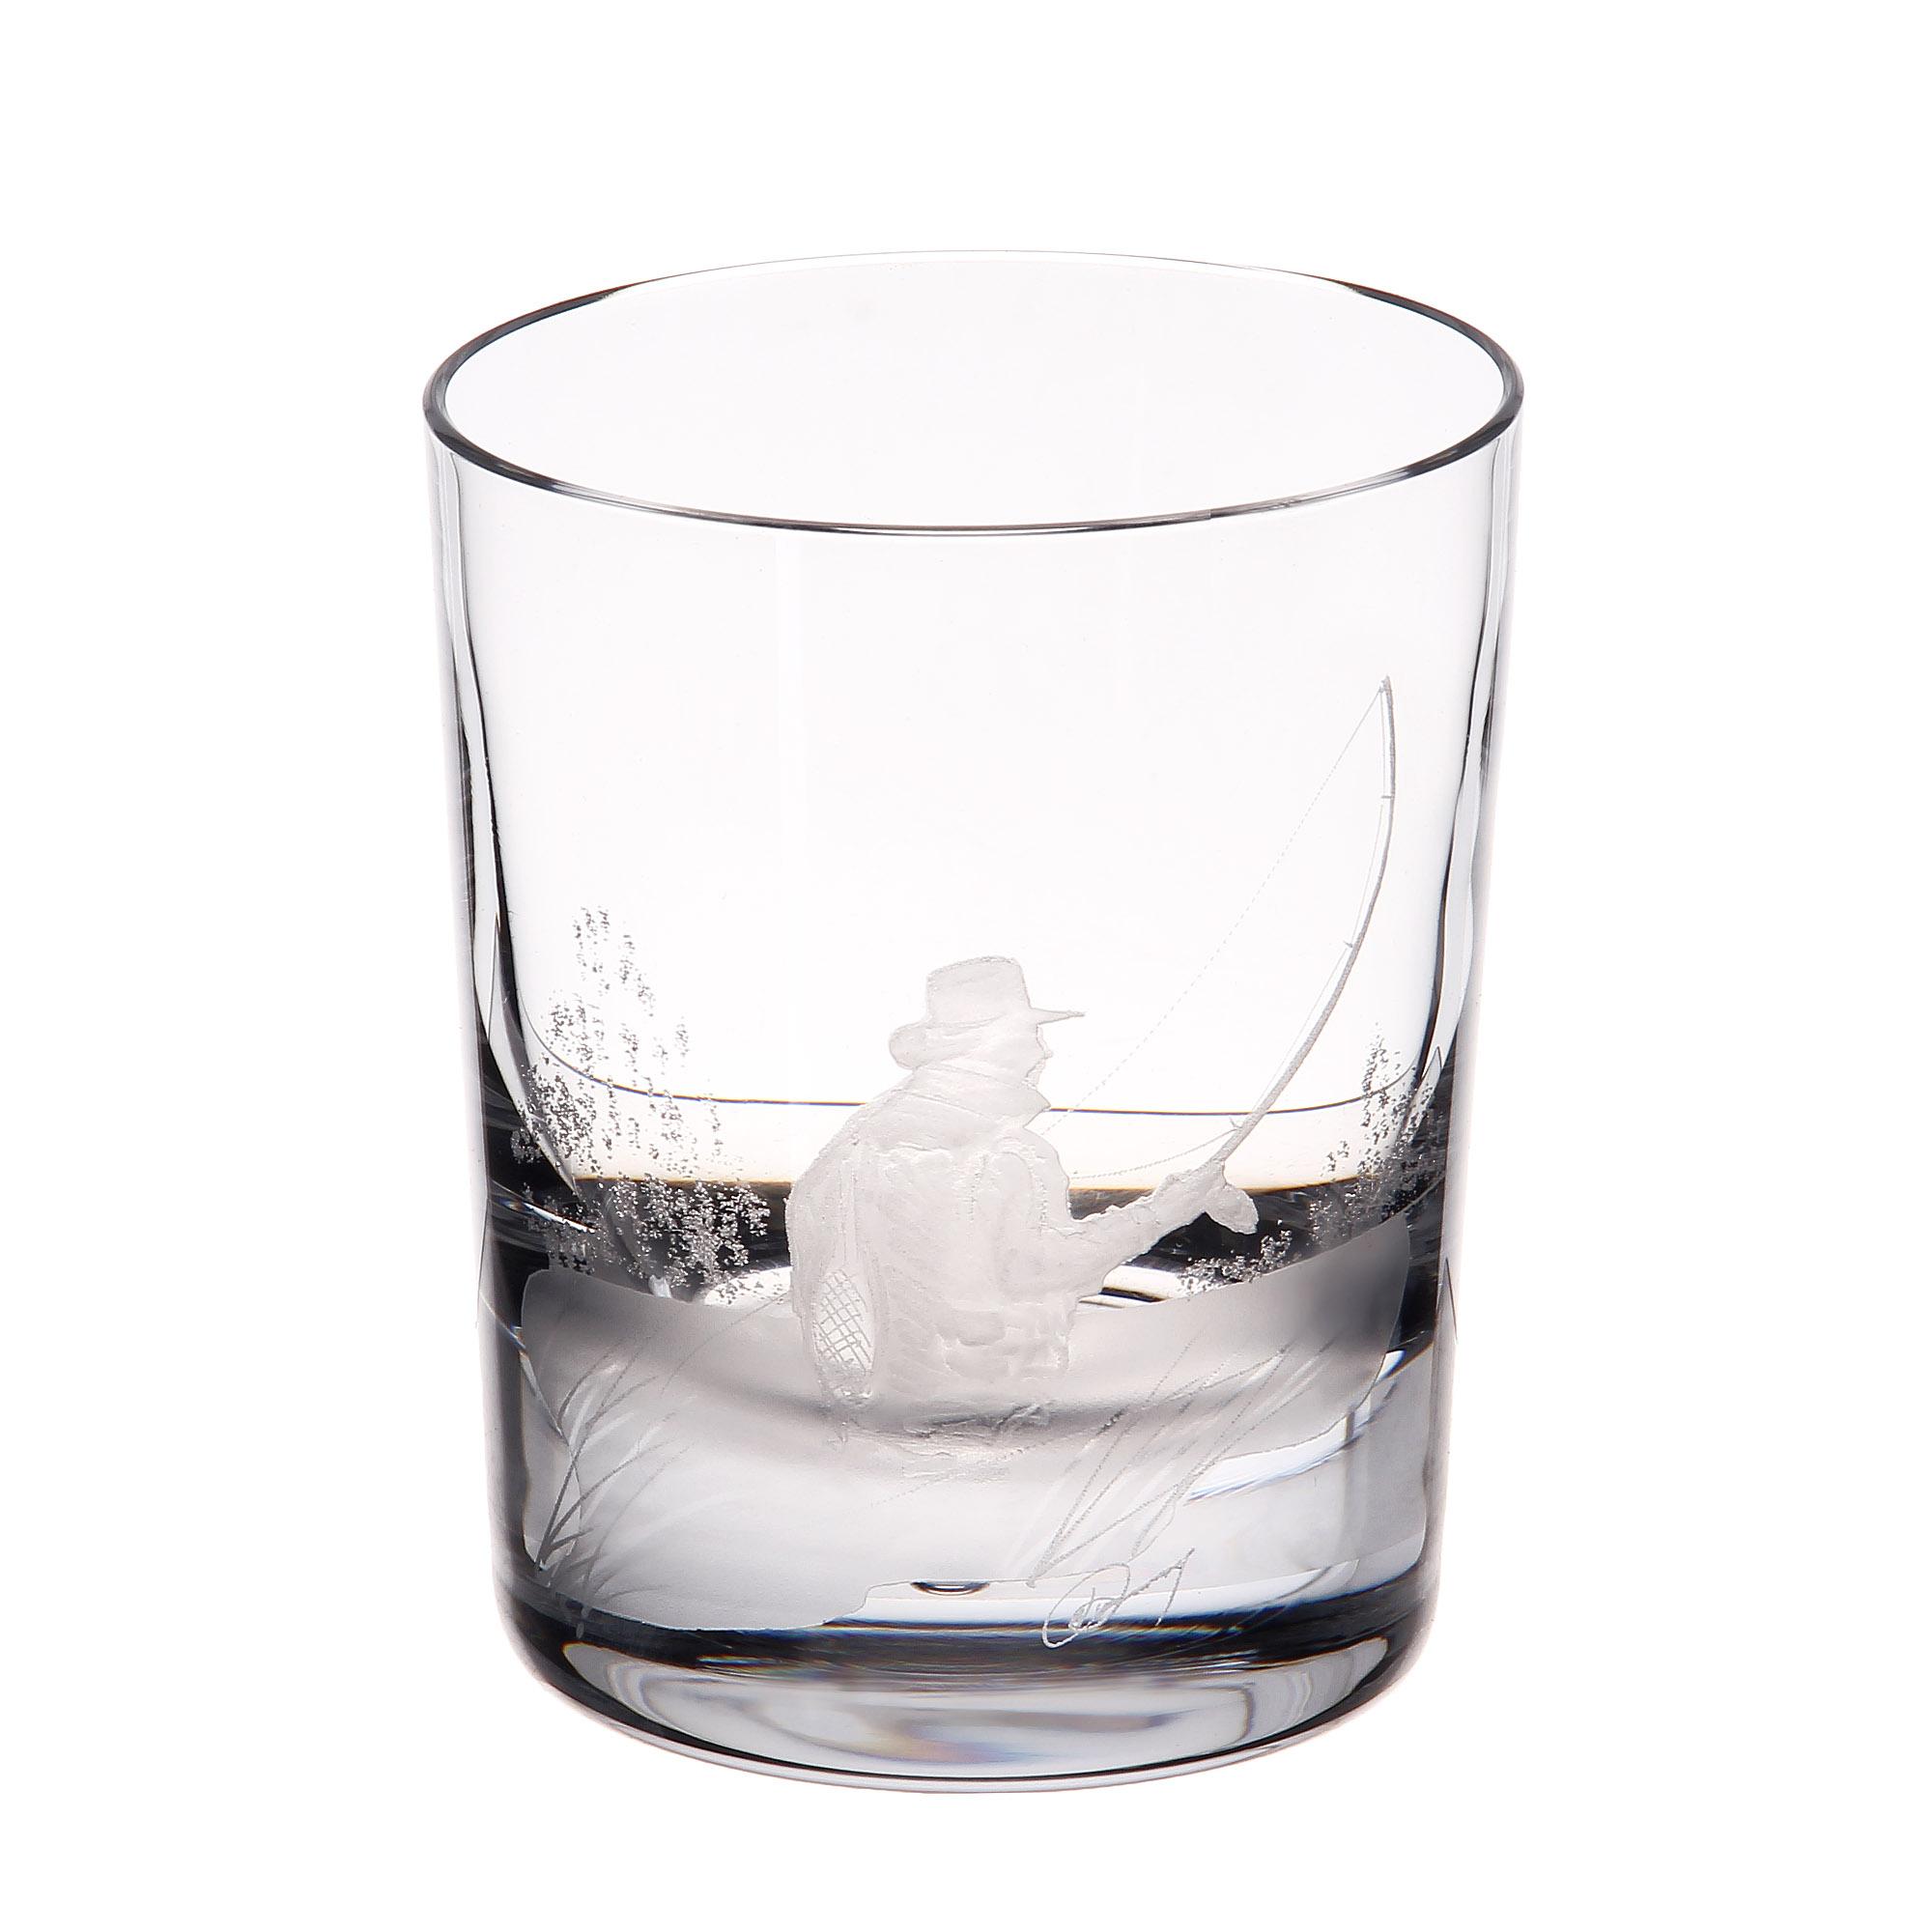 Купить Стакан для виски Dartington crystal engraved рыбак 300мл, Великобритания, хрусталь ручной работы (24% свинца)